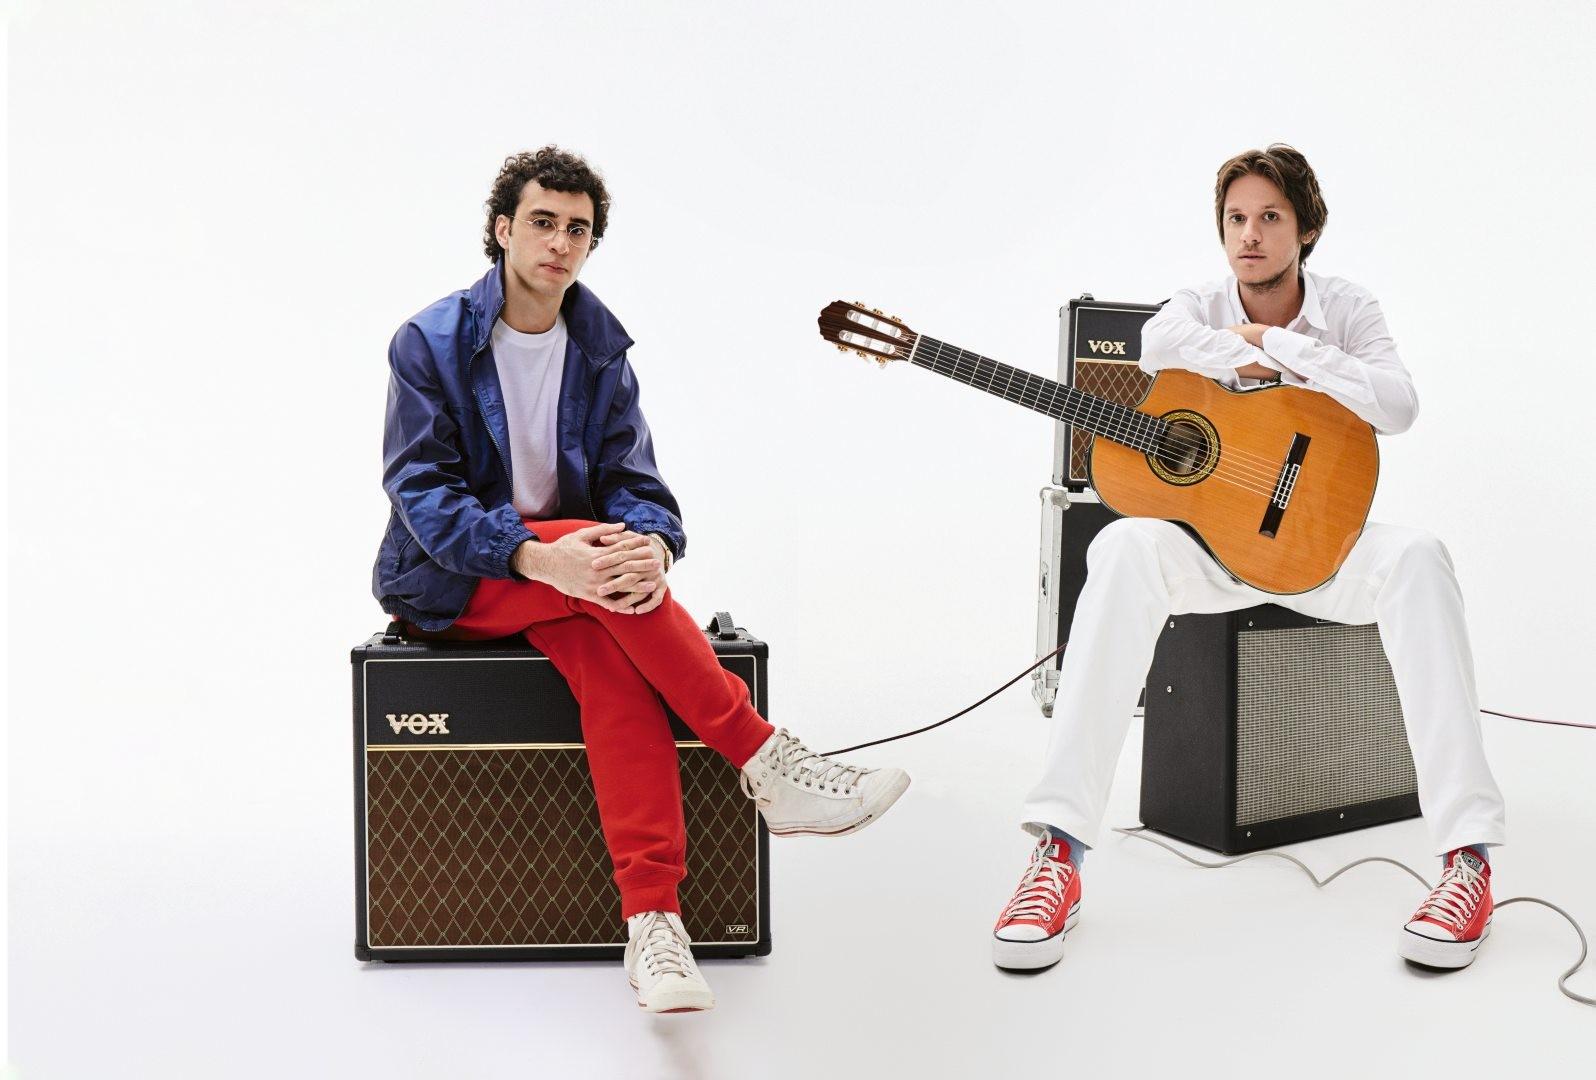 Zeca Veloso e Rubel, novos nomes da música brasileira surgidos das redes sociais (Foto: Pedro Loreto)